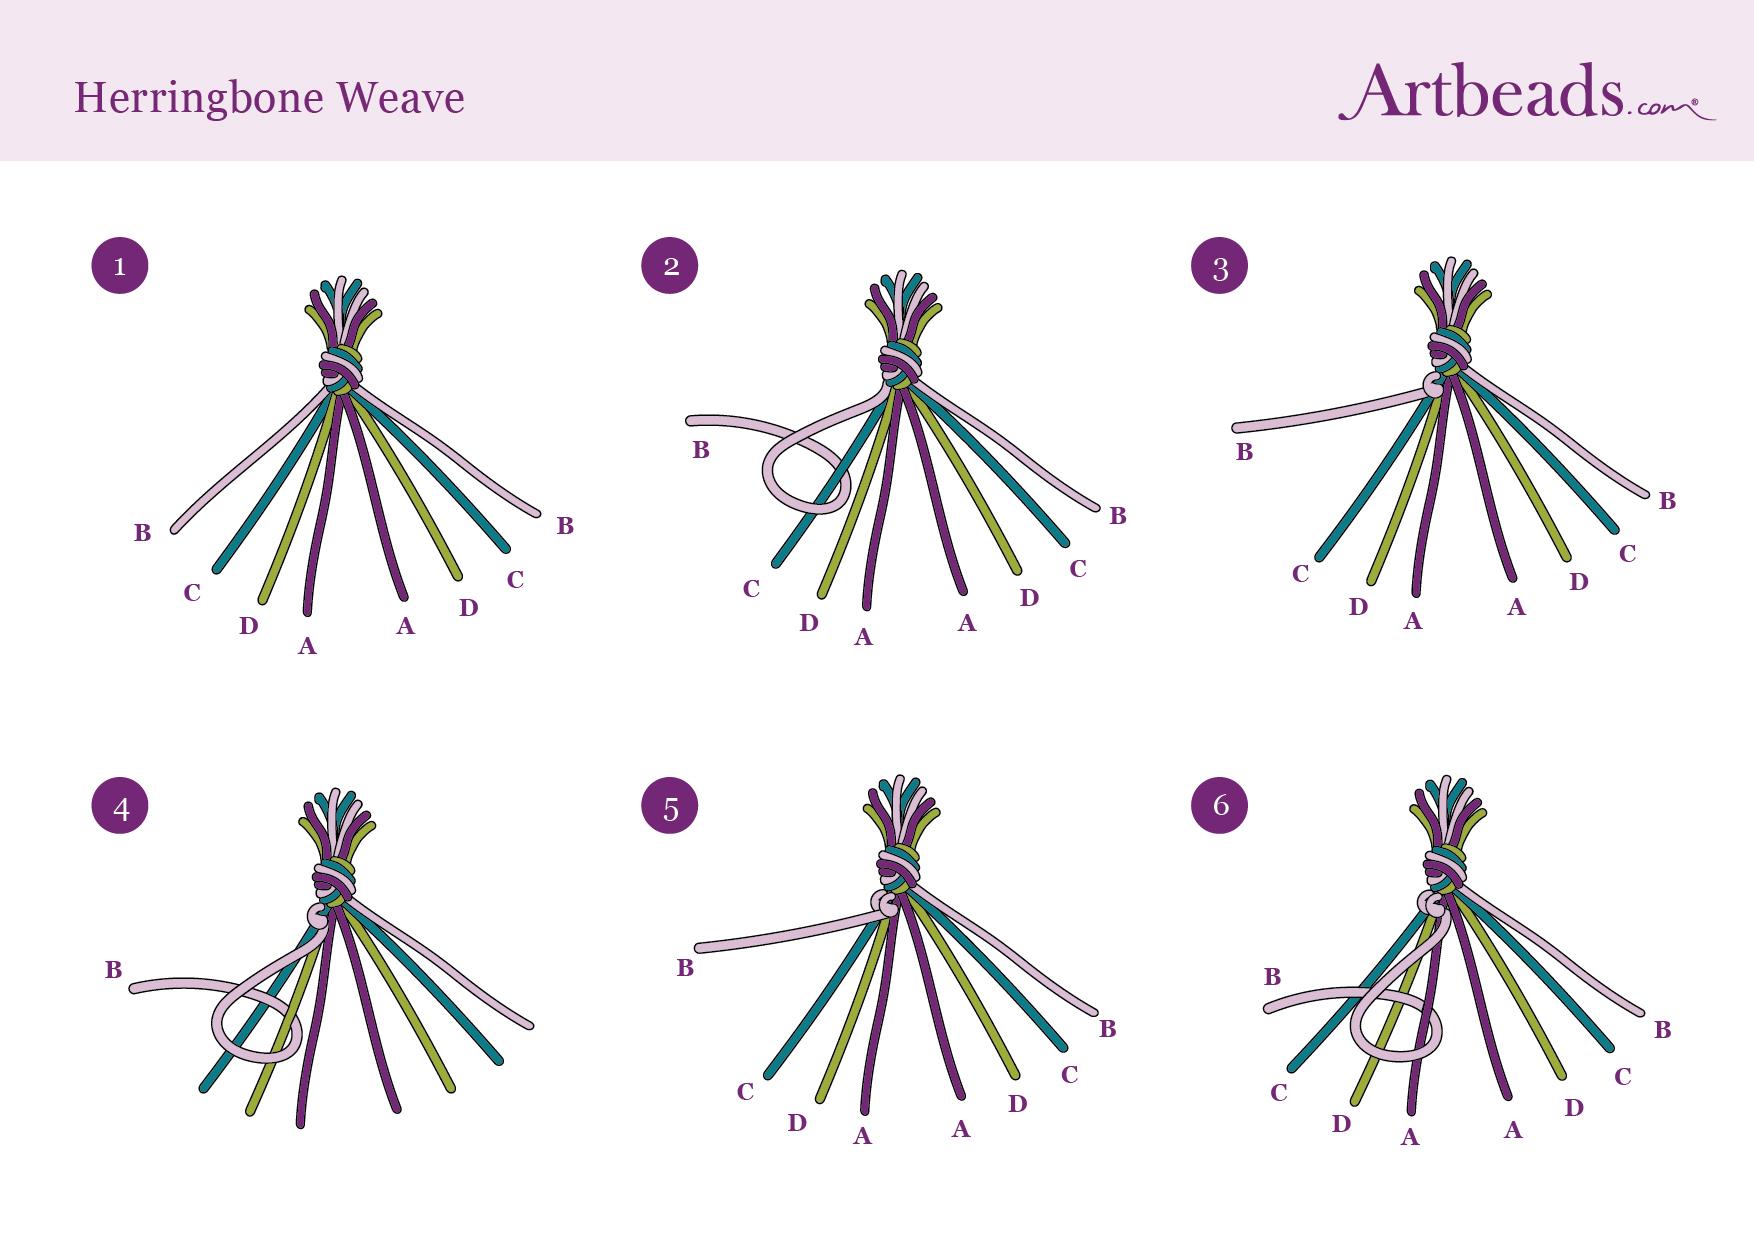 Herringbone Weave Diagram Full